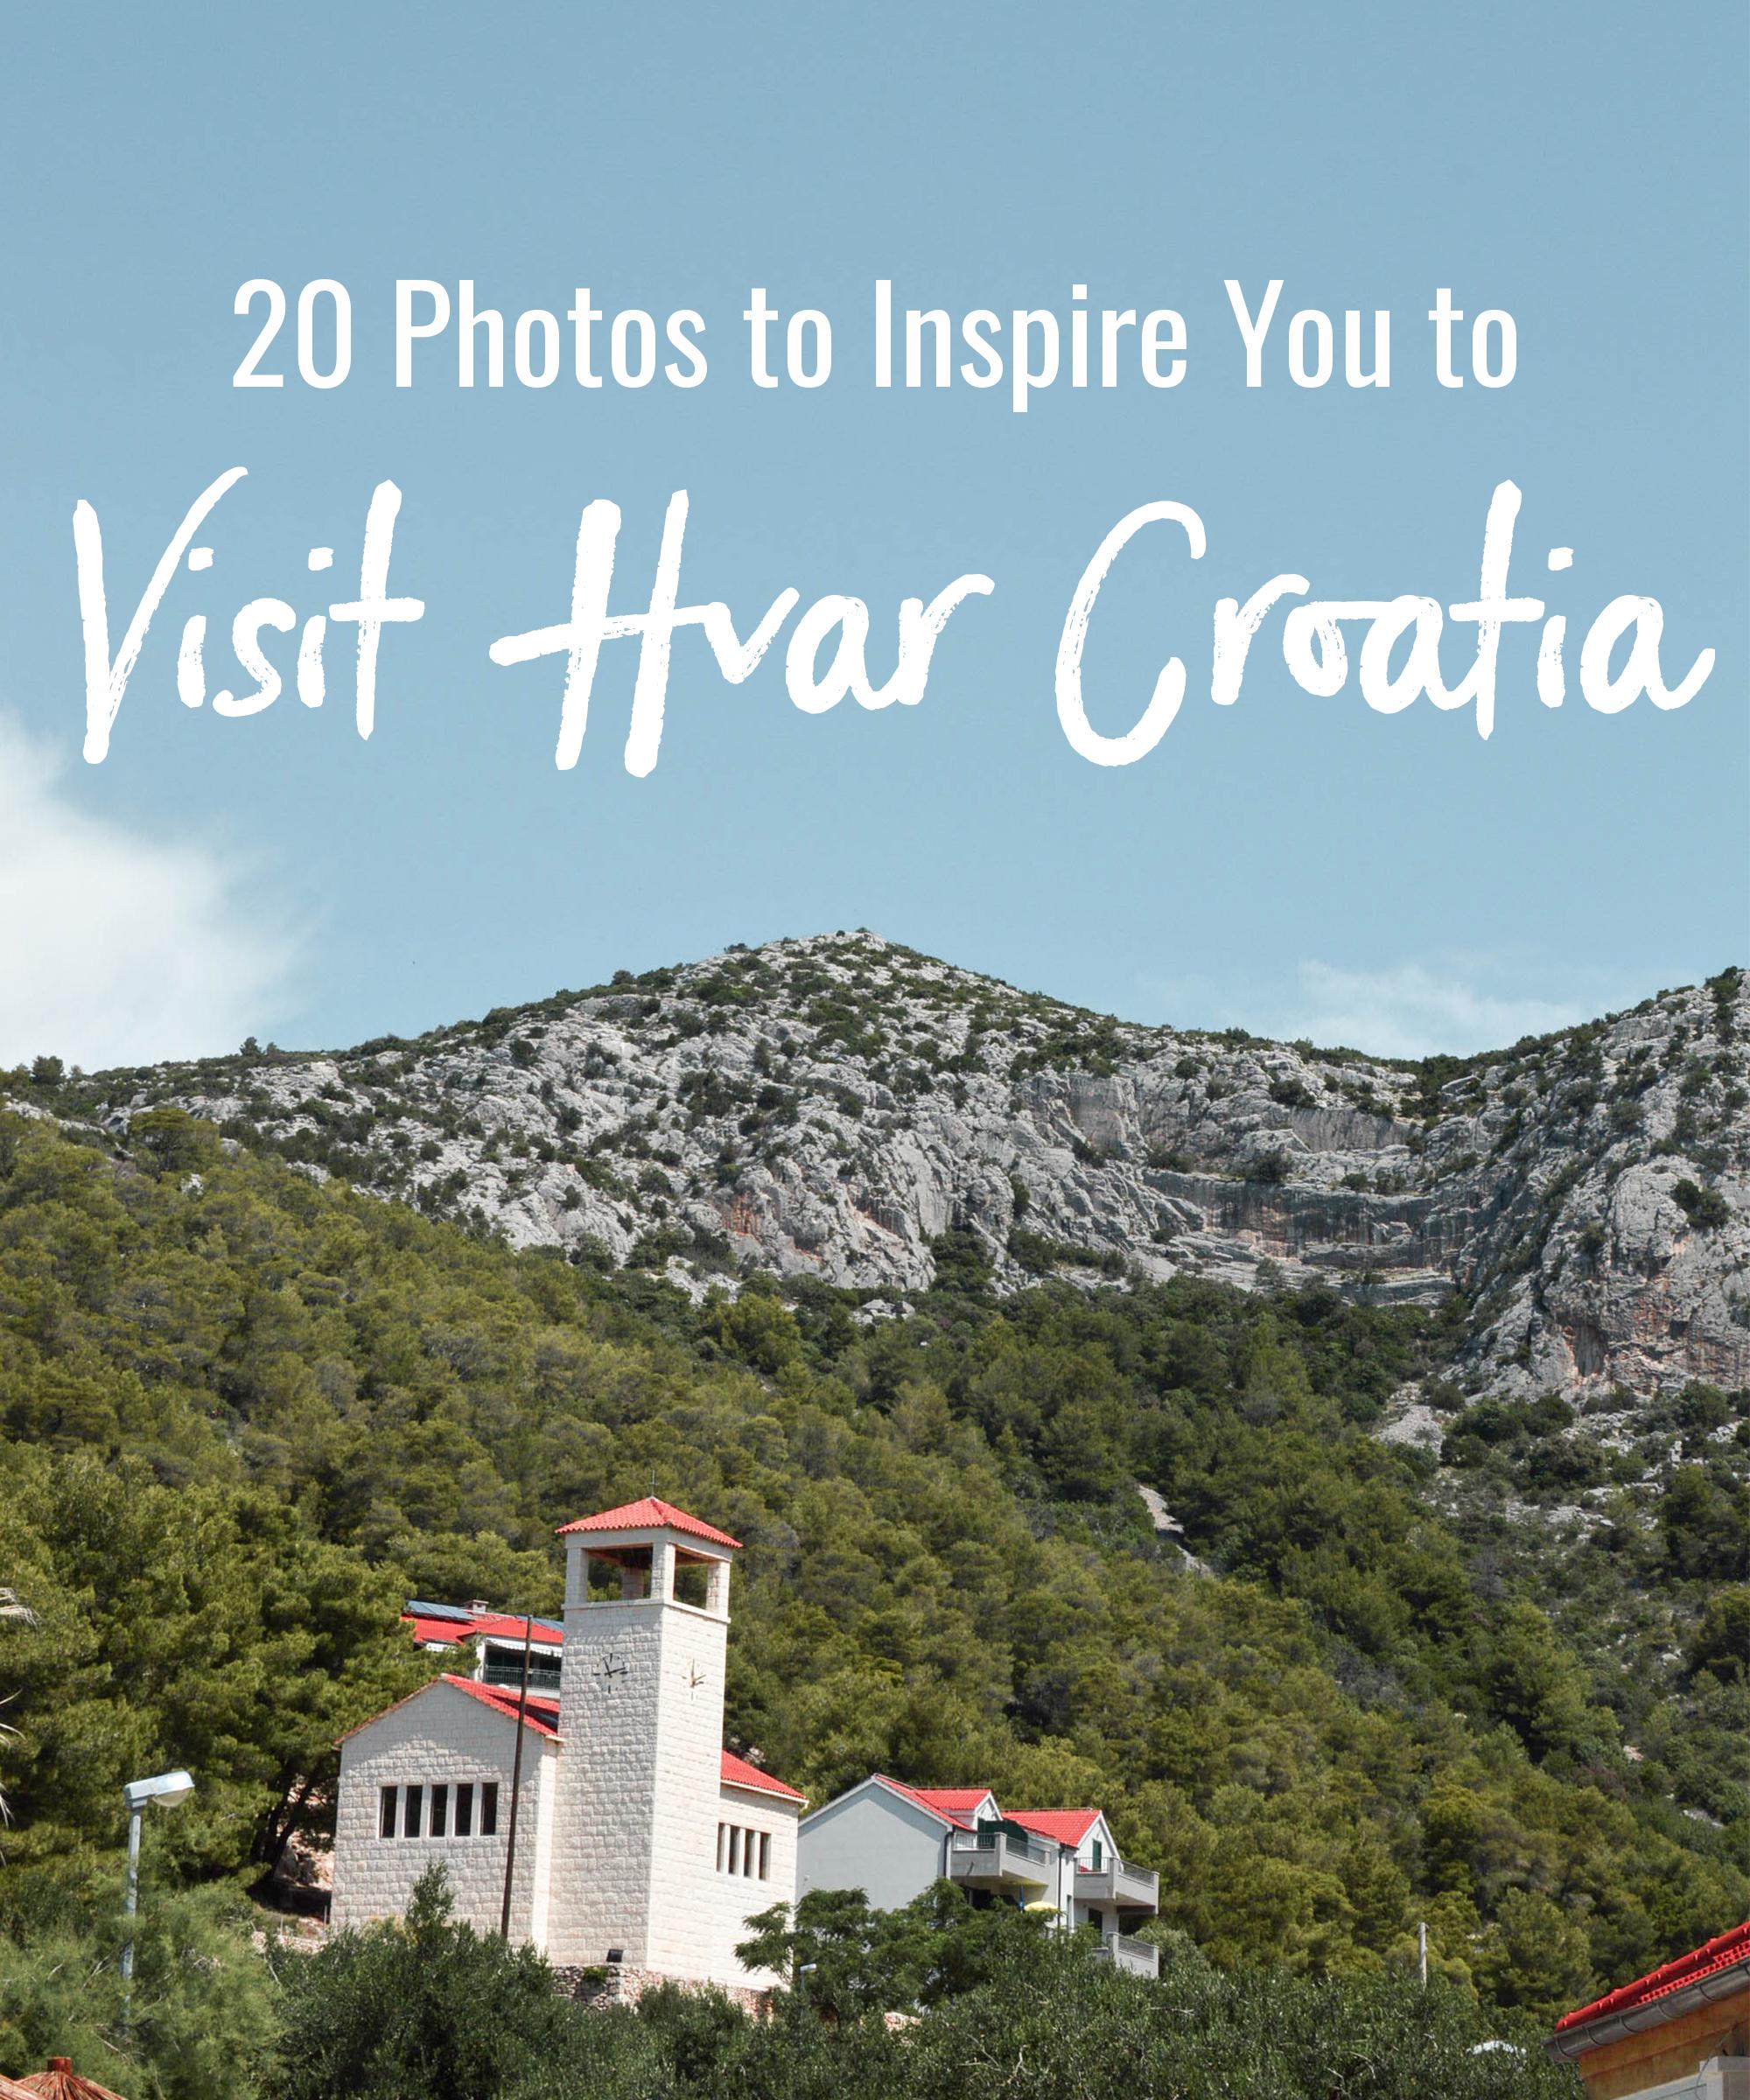 20 Photos to Inspire You to Visit Hvar Croatia